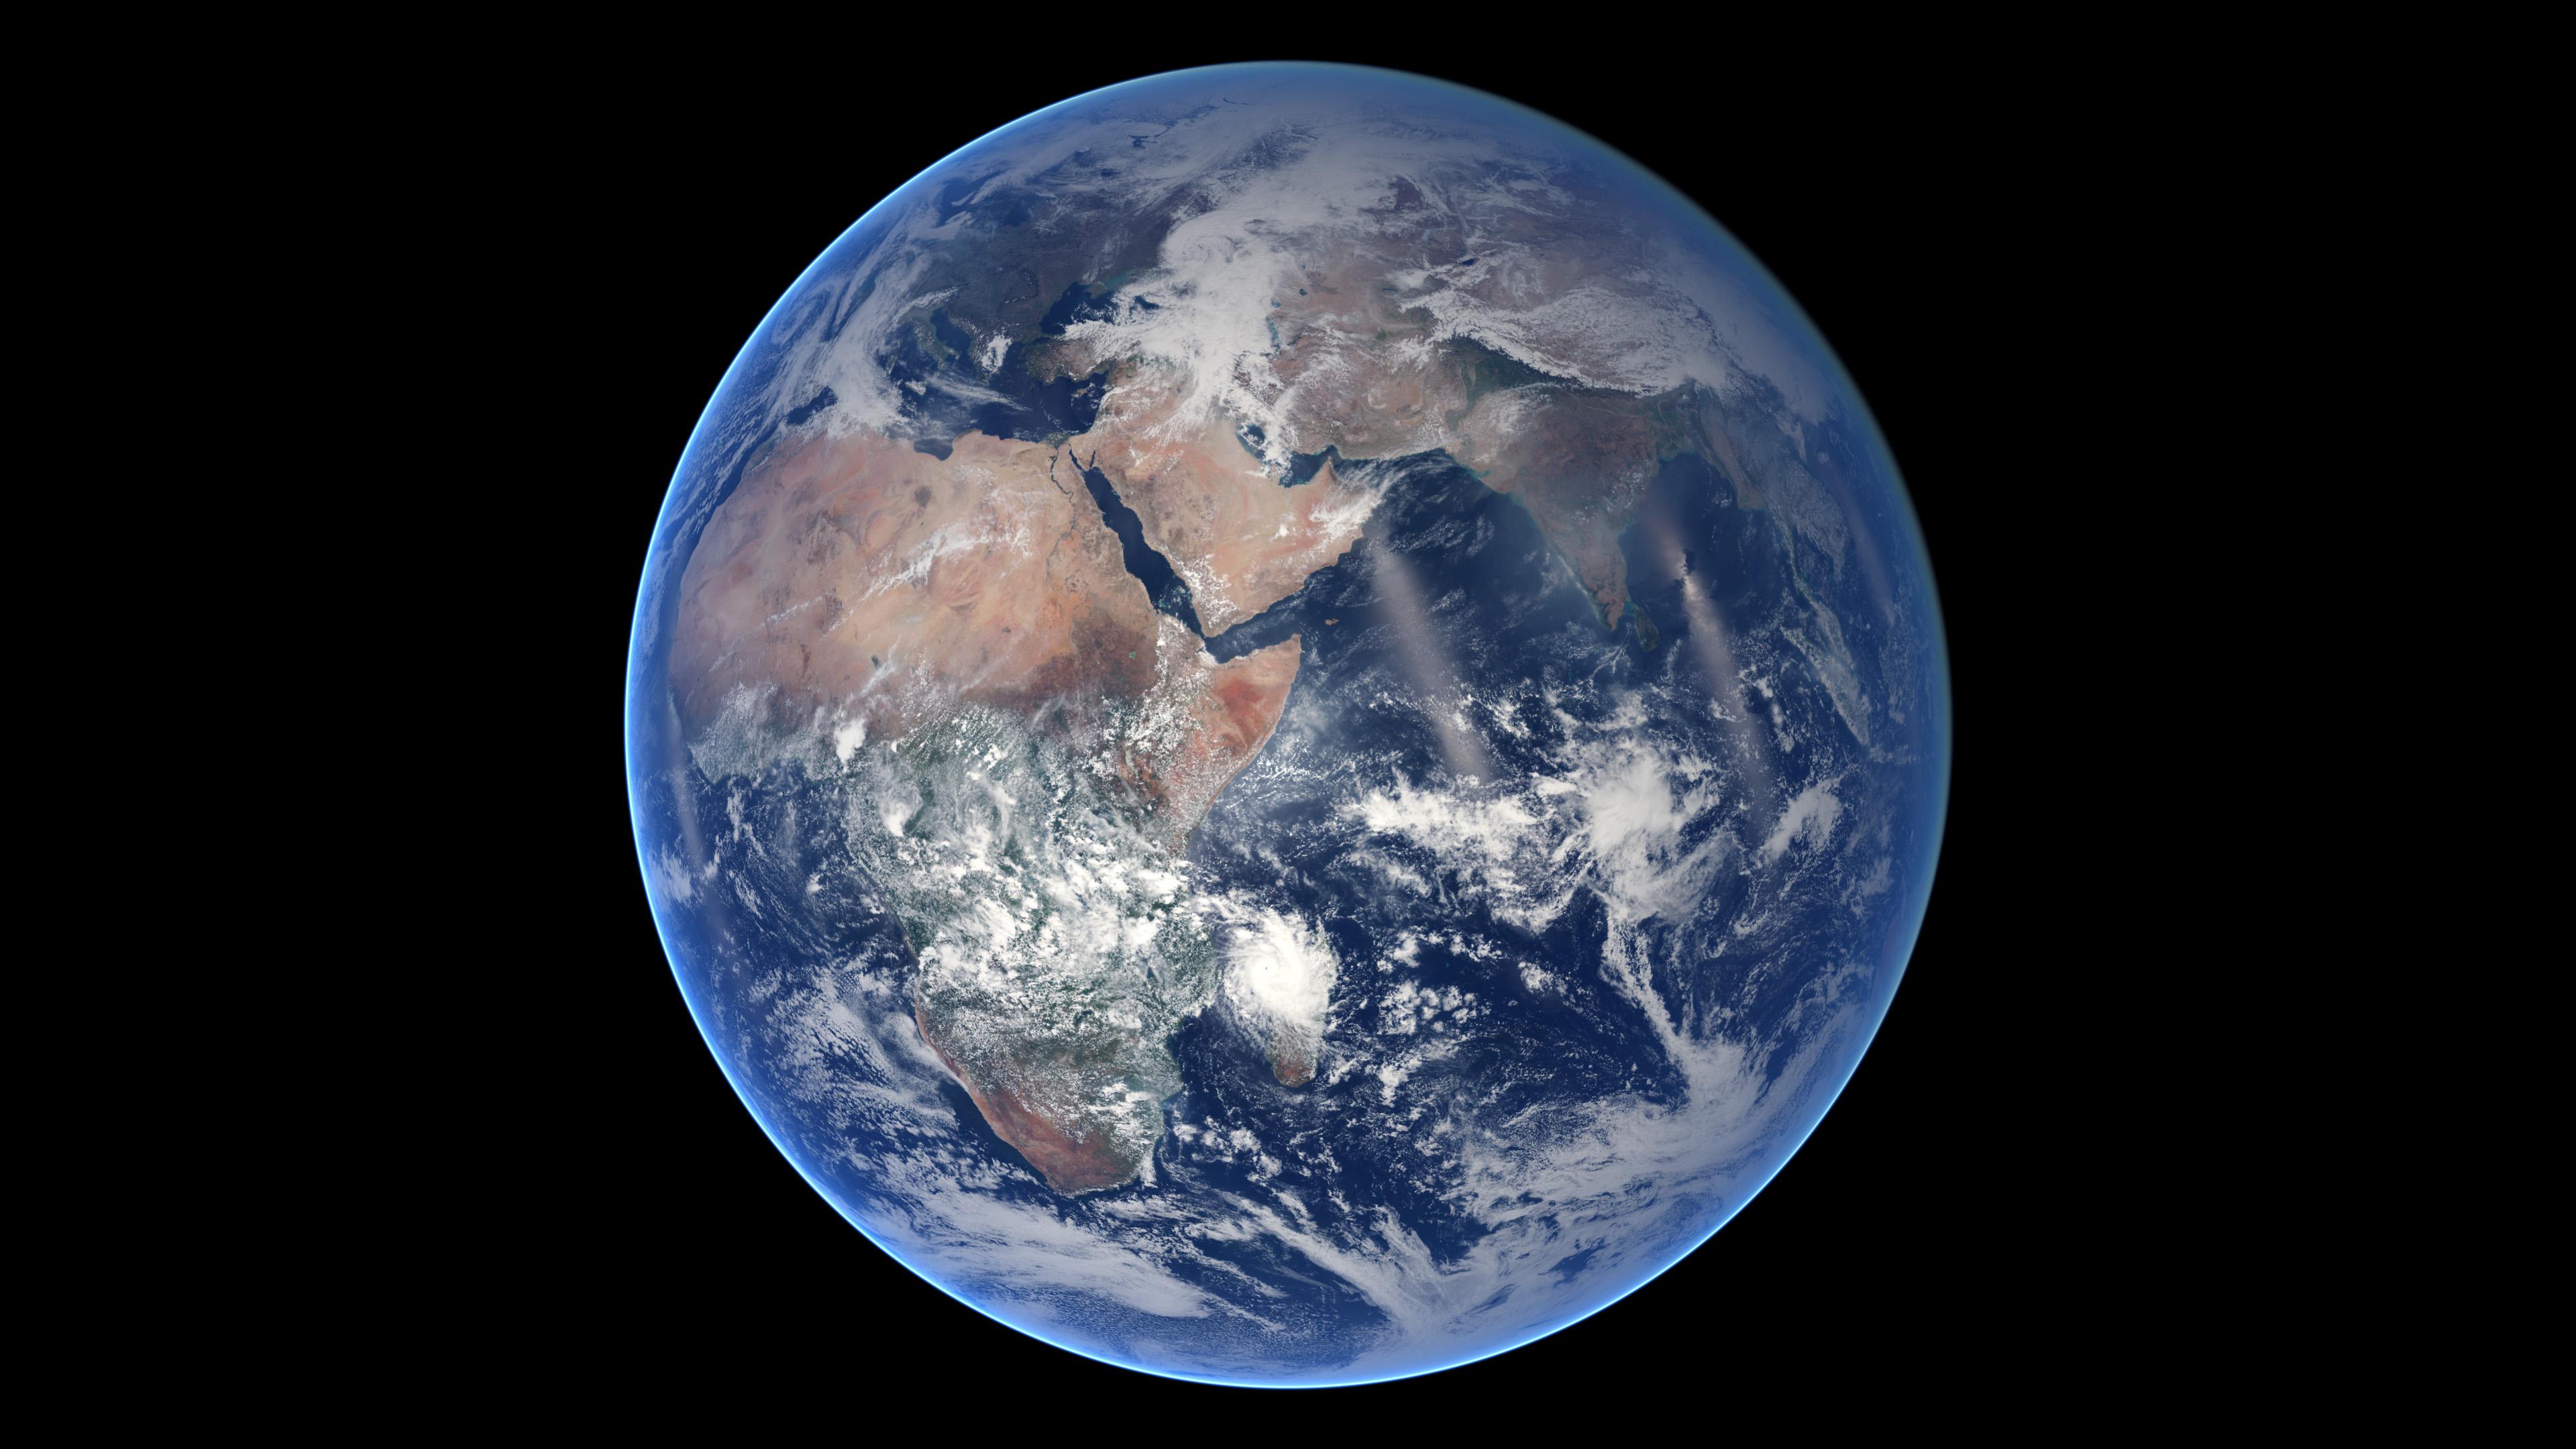 Google Timelapse of Earth